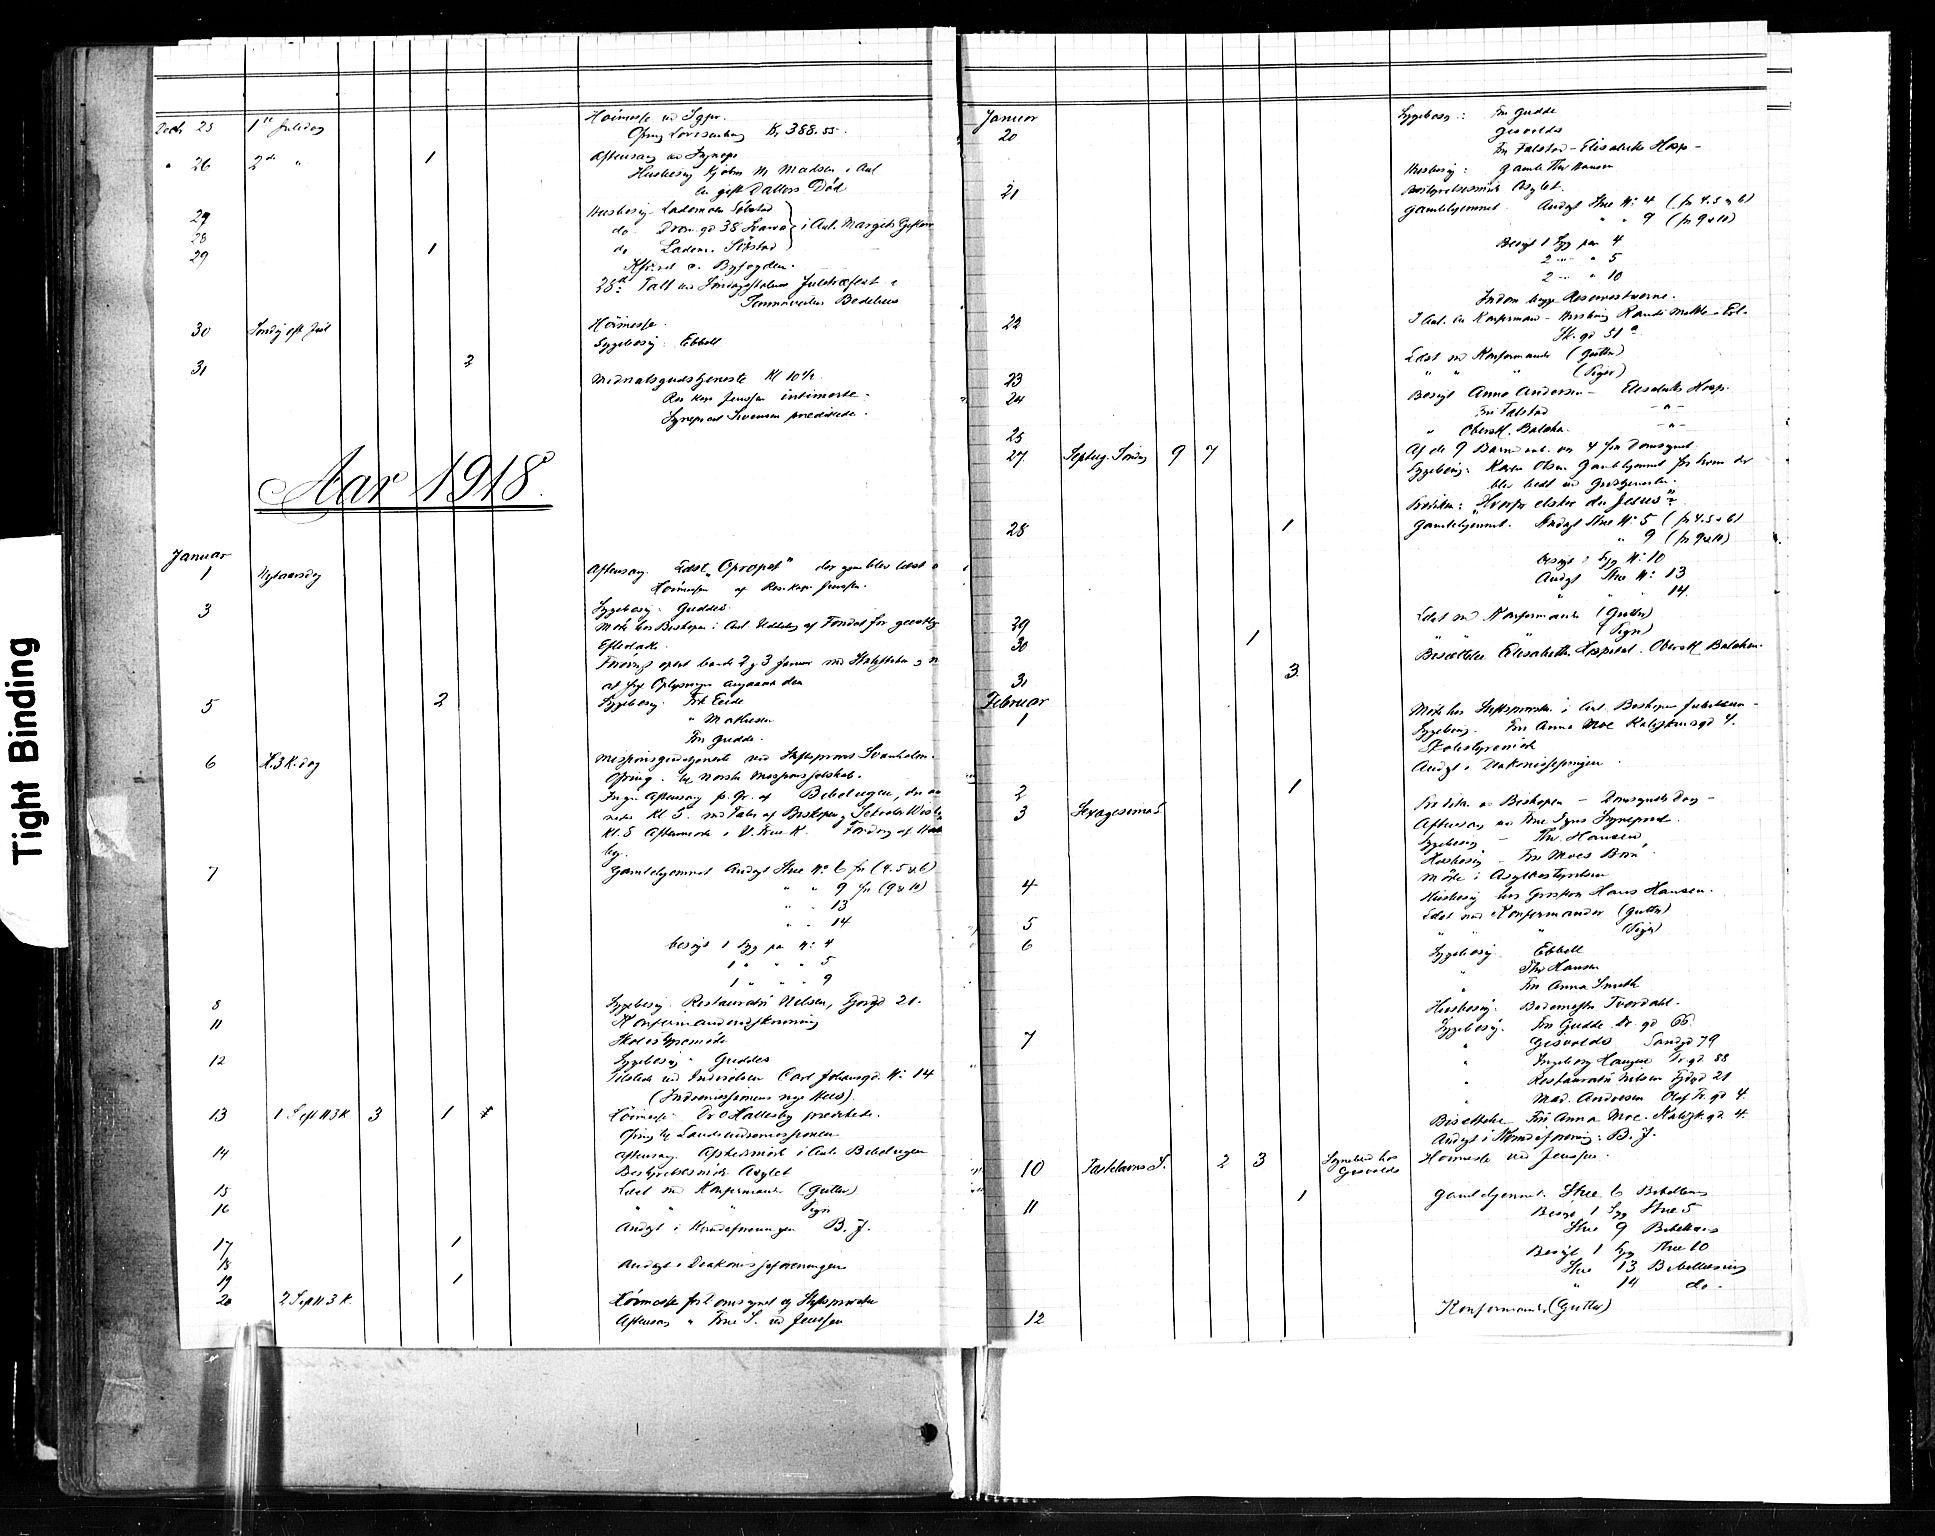 SAT, Ministerialprotokoller, klokkerbøker og fødselsregistre - Sør-Trøndelag, 602/L0119: Ministerialbok nr. 602A17, 1880-1901